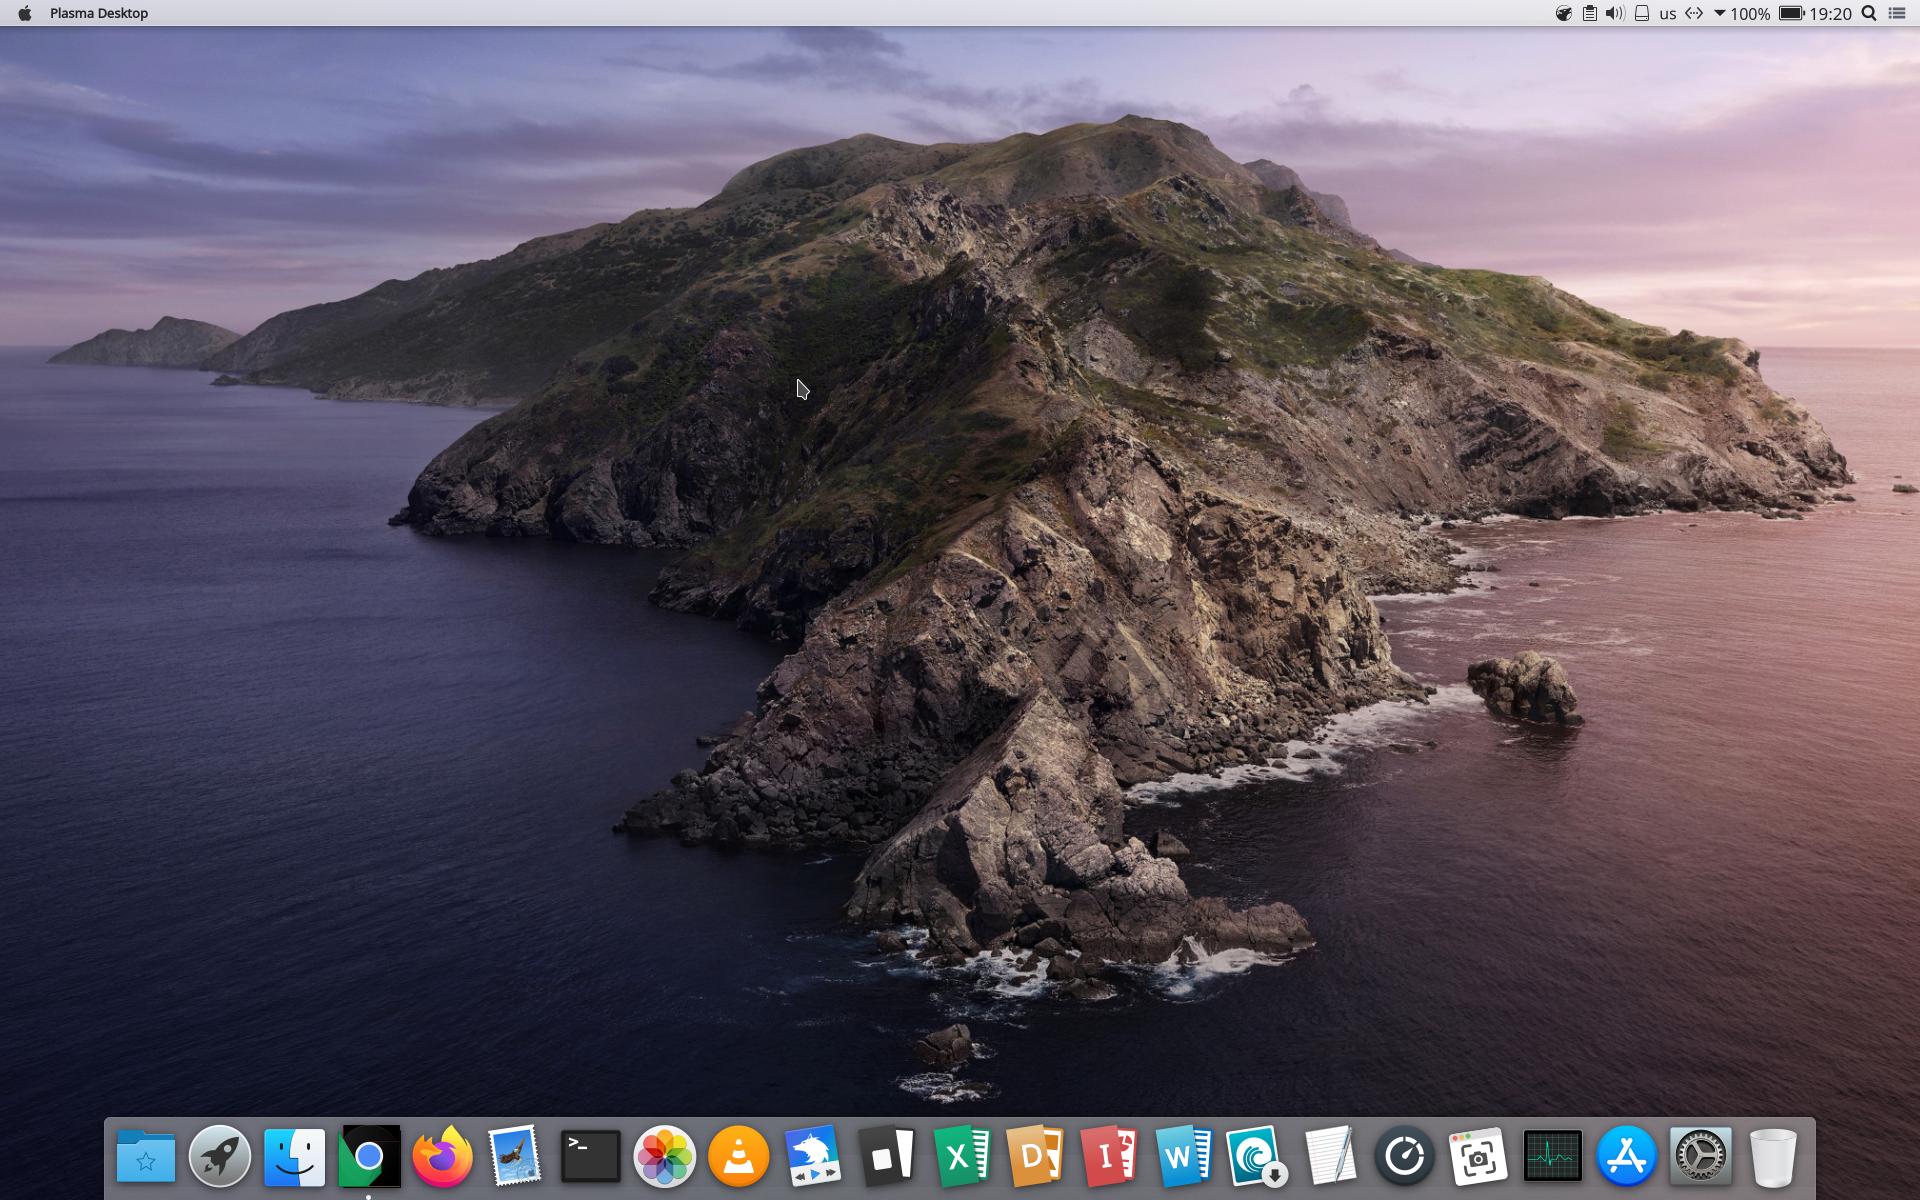 macbuntu 18.04 kde